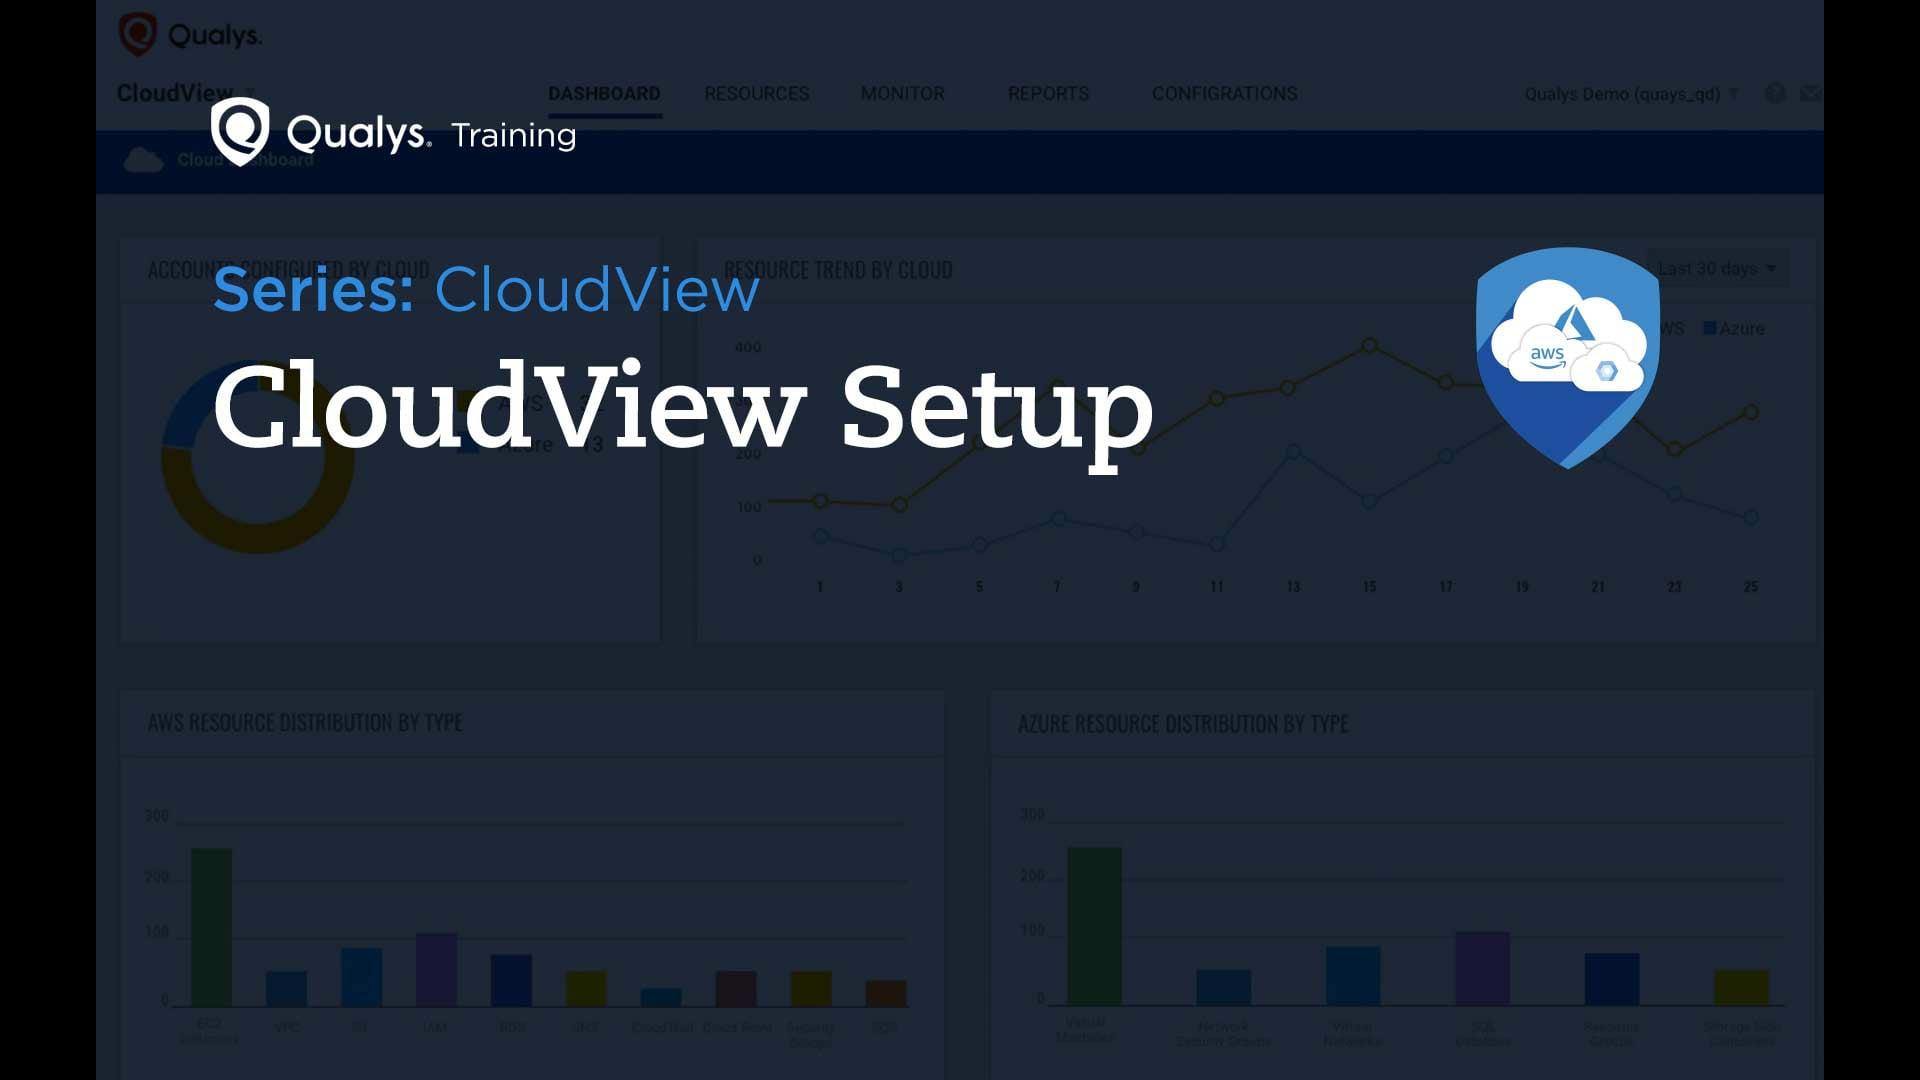 CloudView Setup